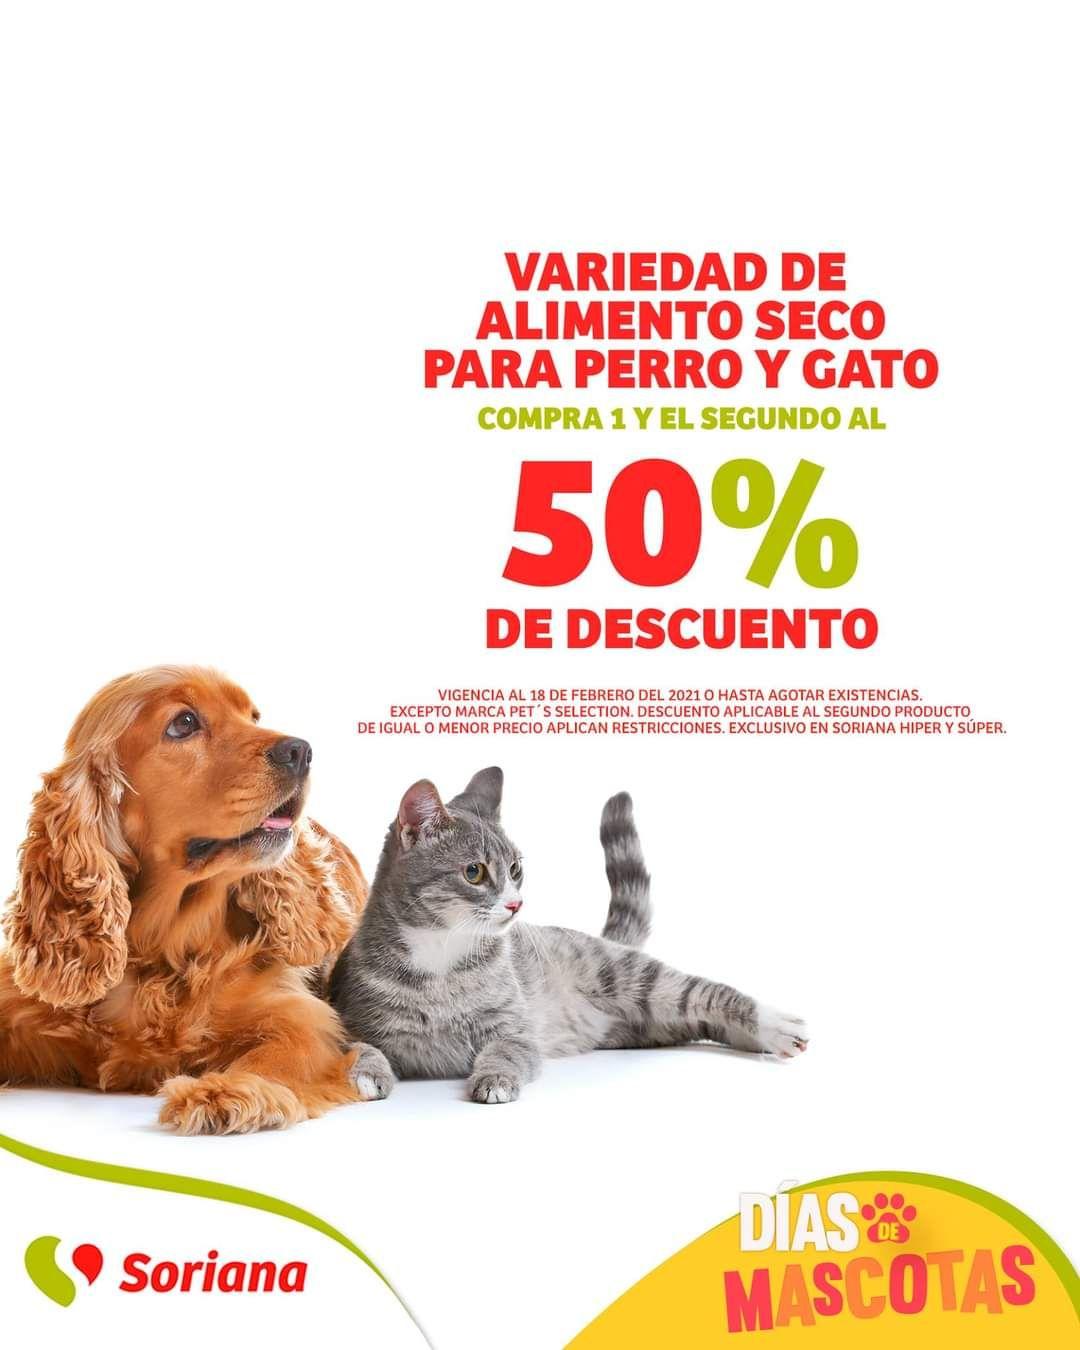 Soriana Híper y Súper: 2 x 1½ en variedad de alimento seco para perro y gato